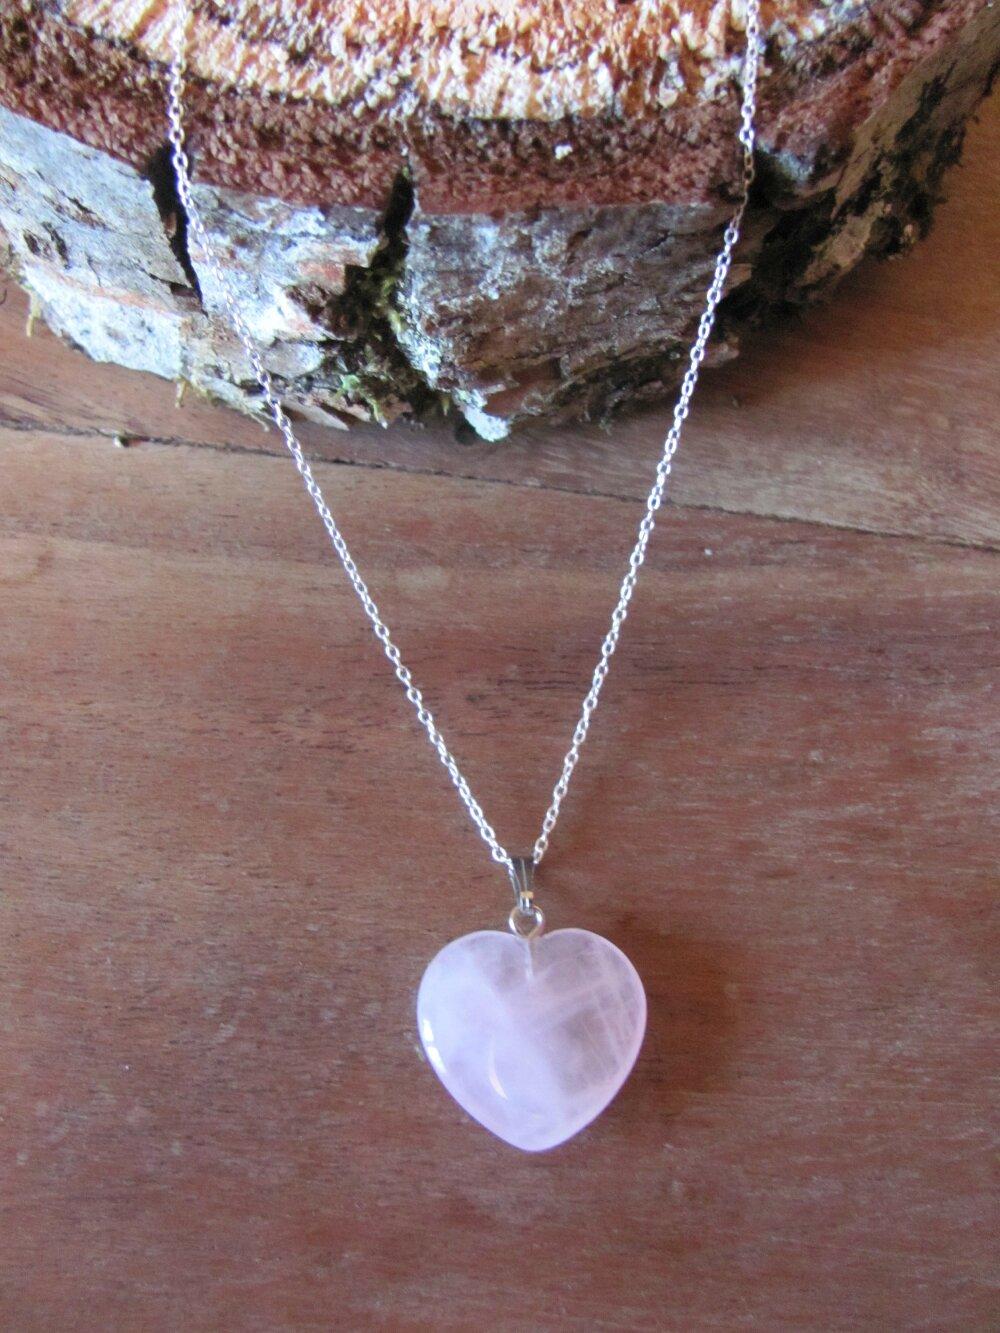 collier pendentif quartz rose, collier pendentif pierre naturelle